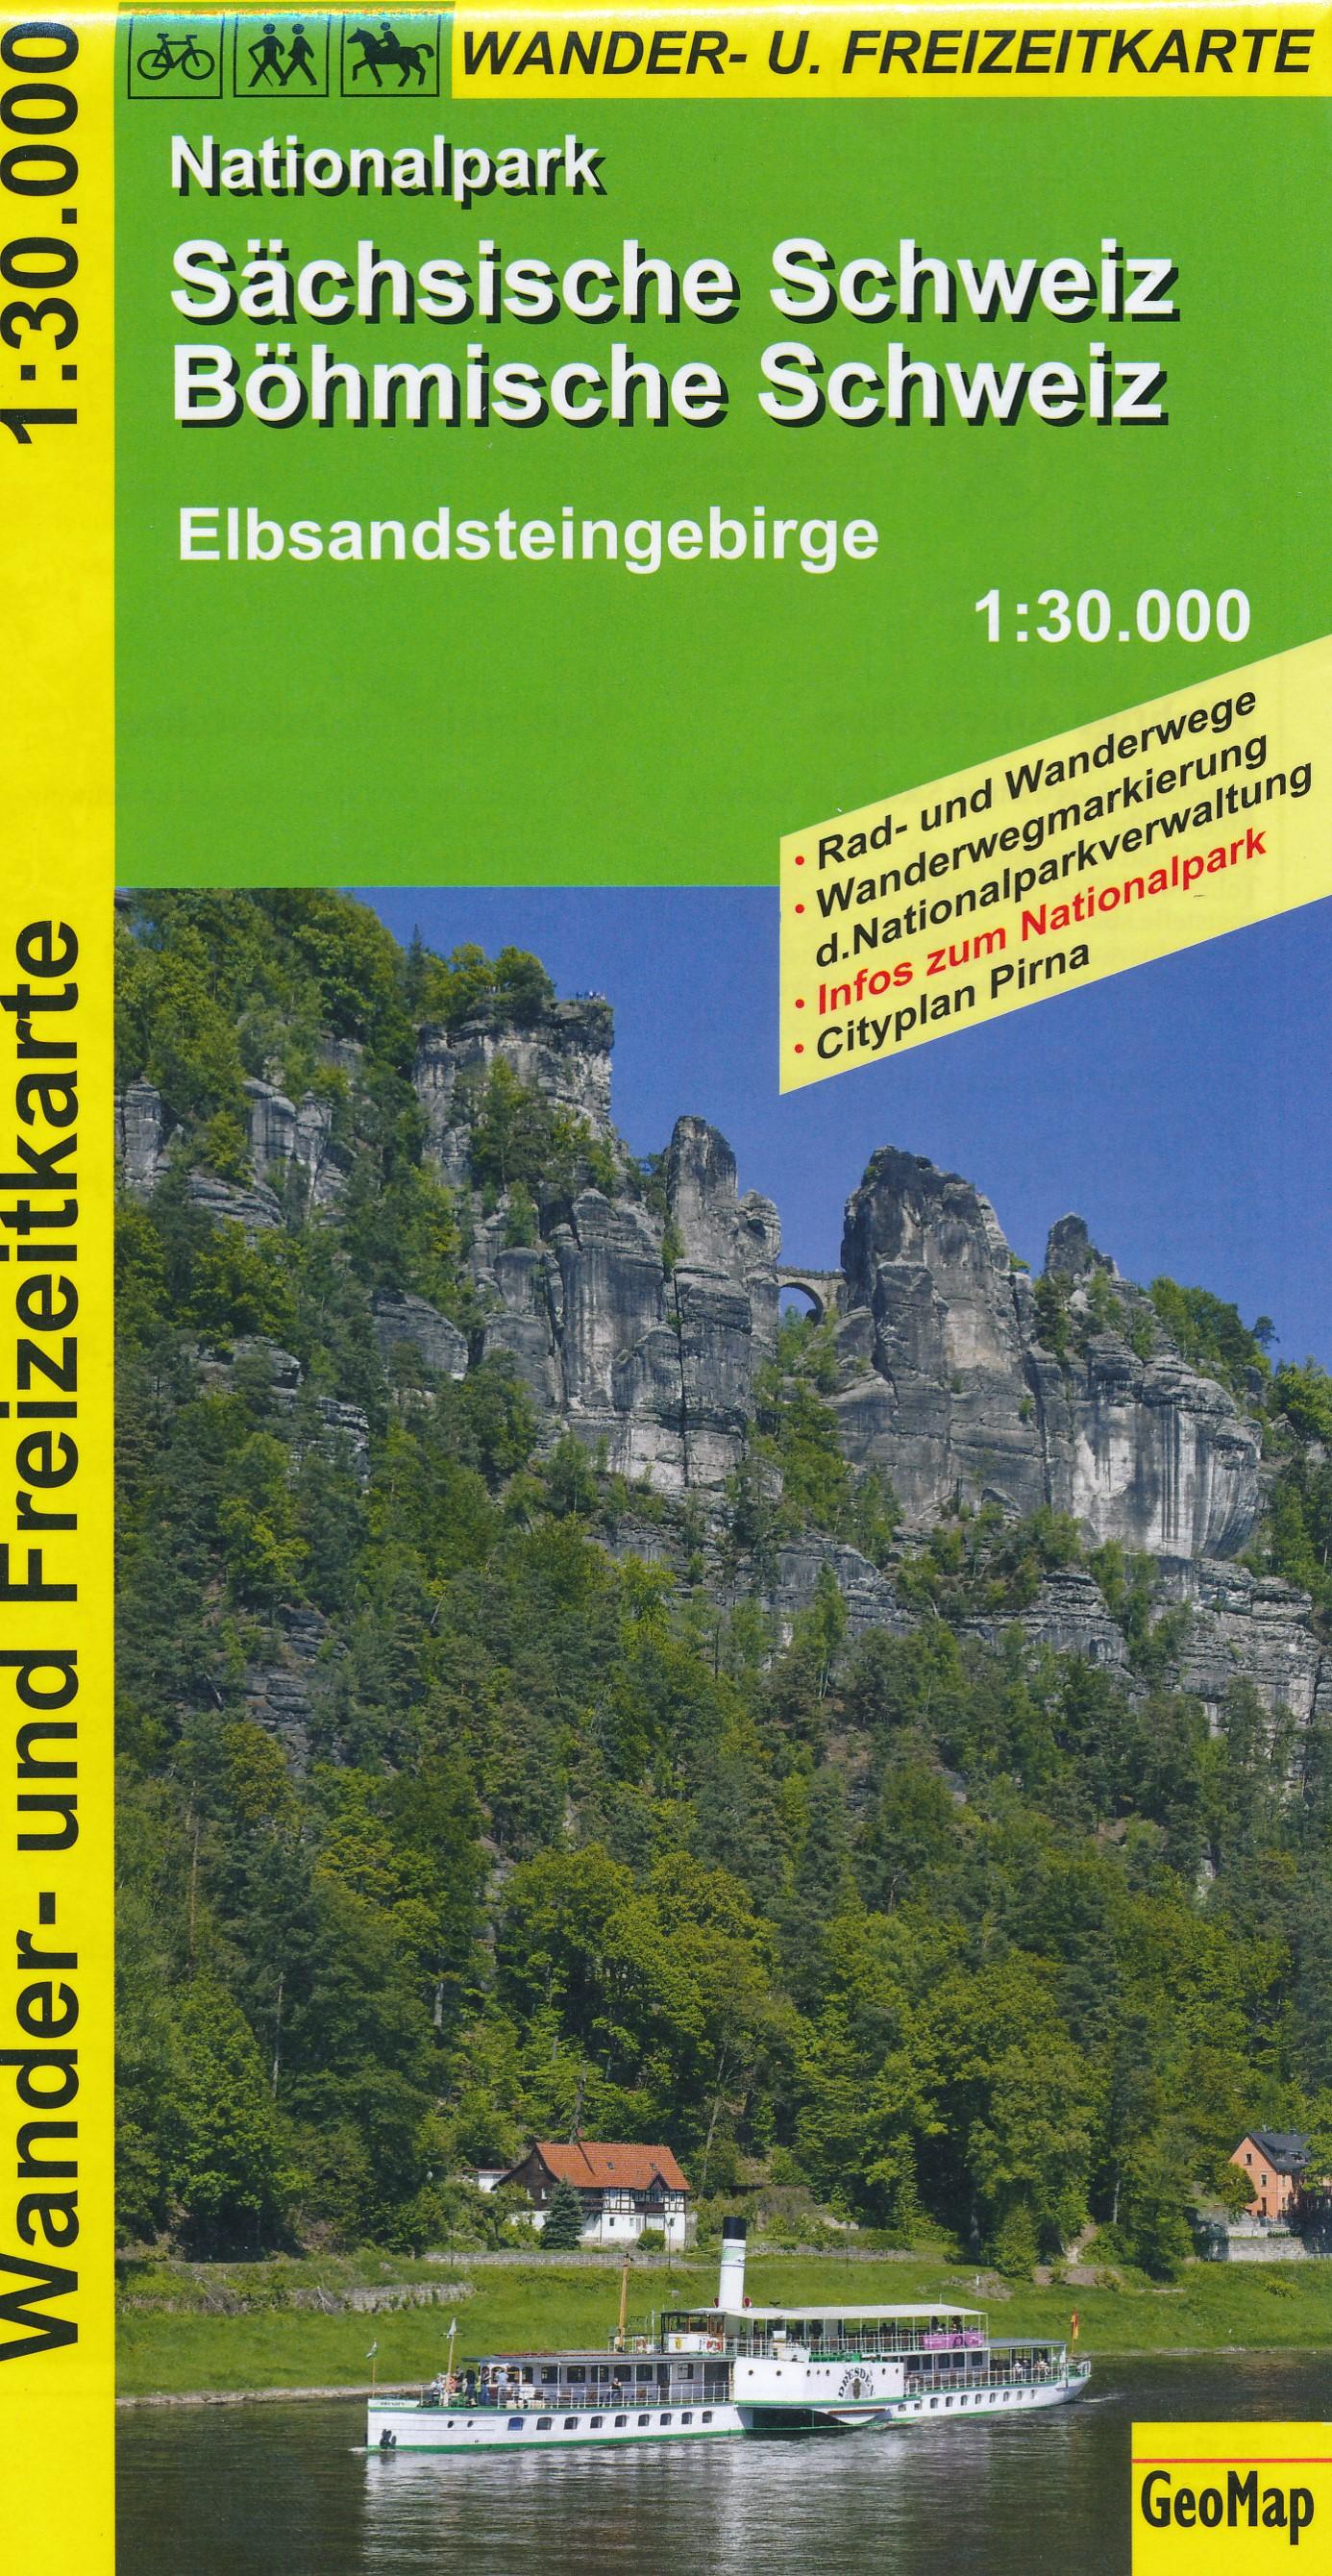 Sächsisch-Böhmische Schweiz 1:30.000 9783933671714  GeoMap Wandelkaarten Duitsland  Wandelkaarten Erzgebirge, Elbsandsteingebirge, Lausitz